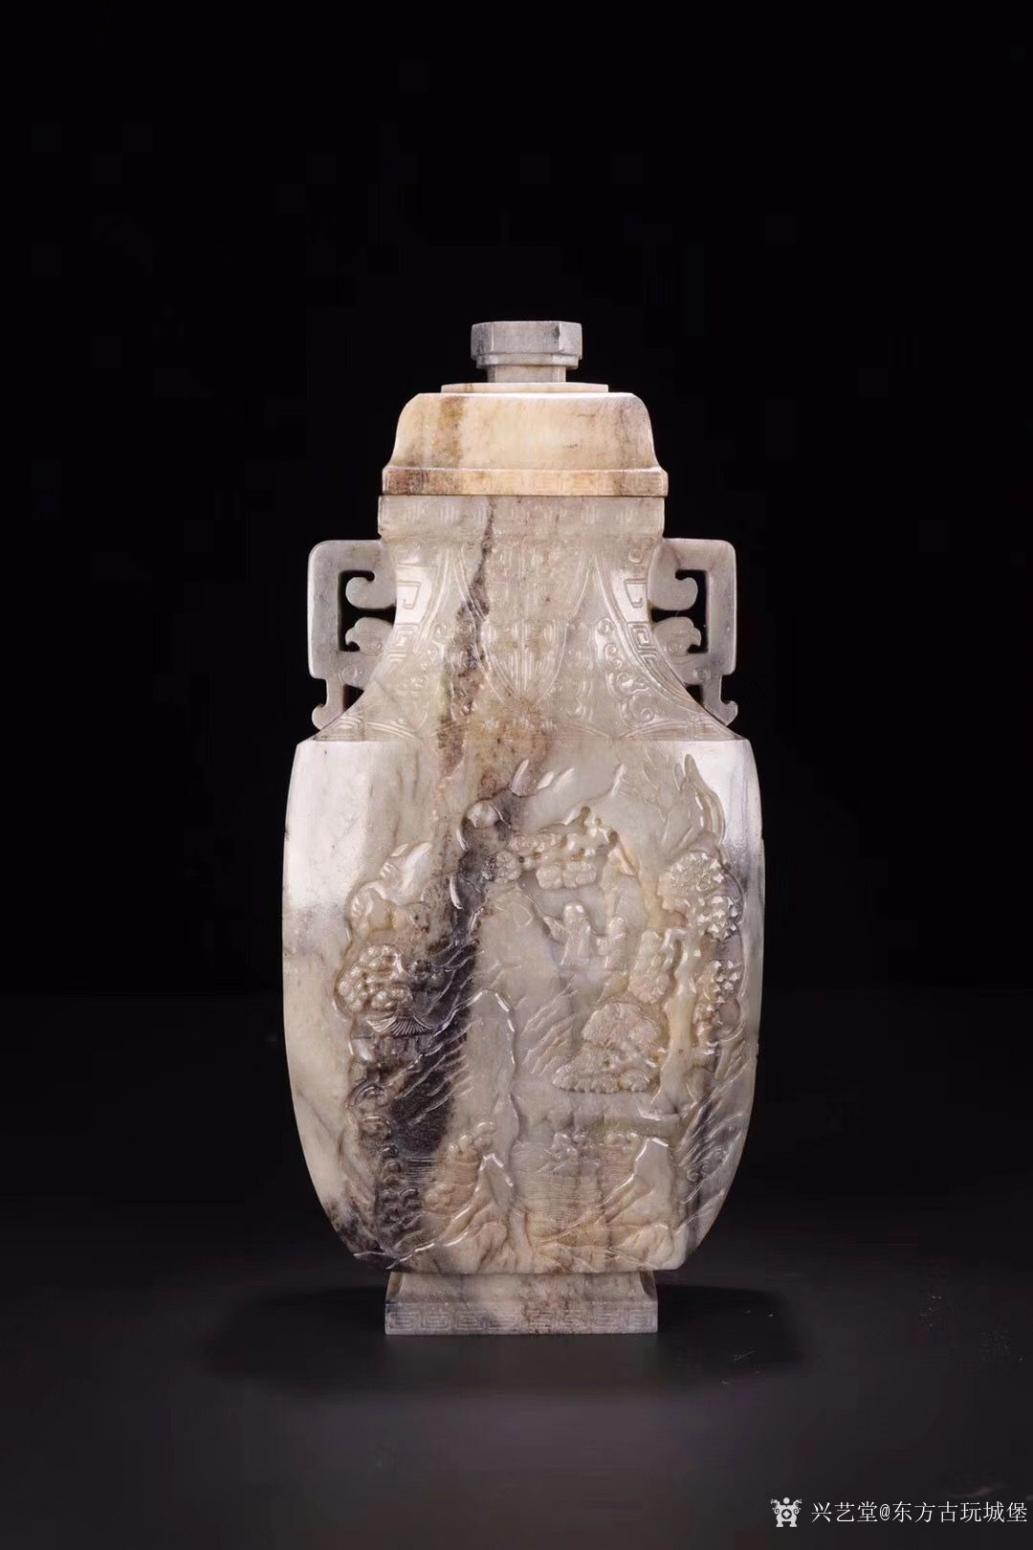 东方古玩城堡雕刻作品《清代和田玉人物赏瓶》